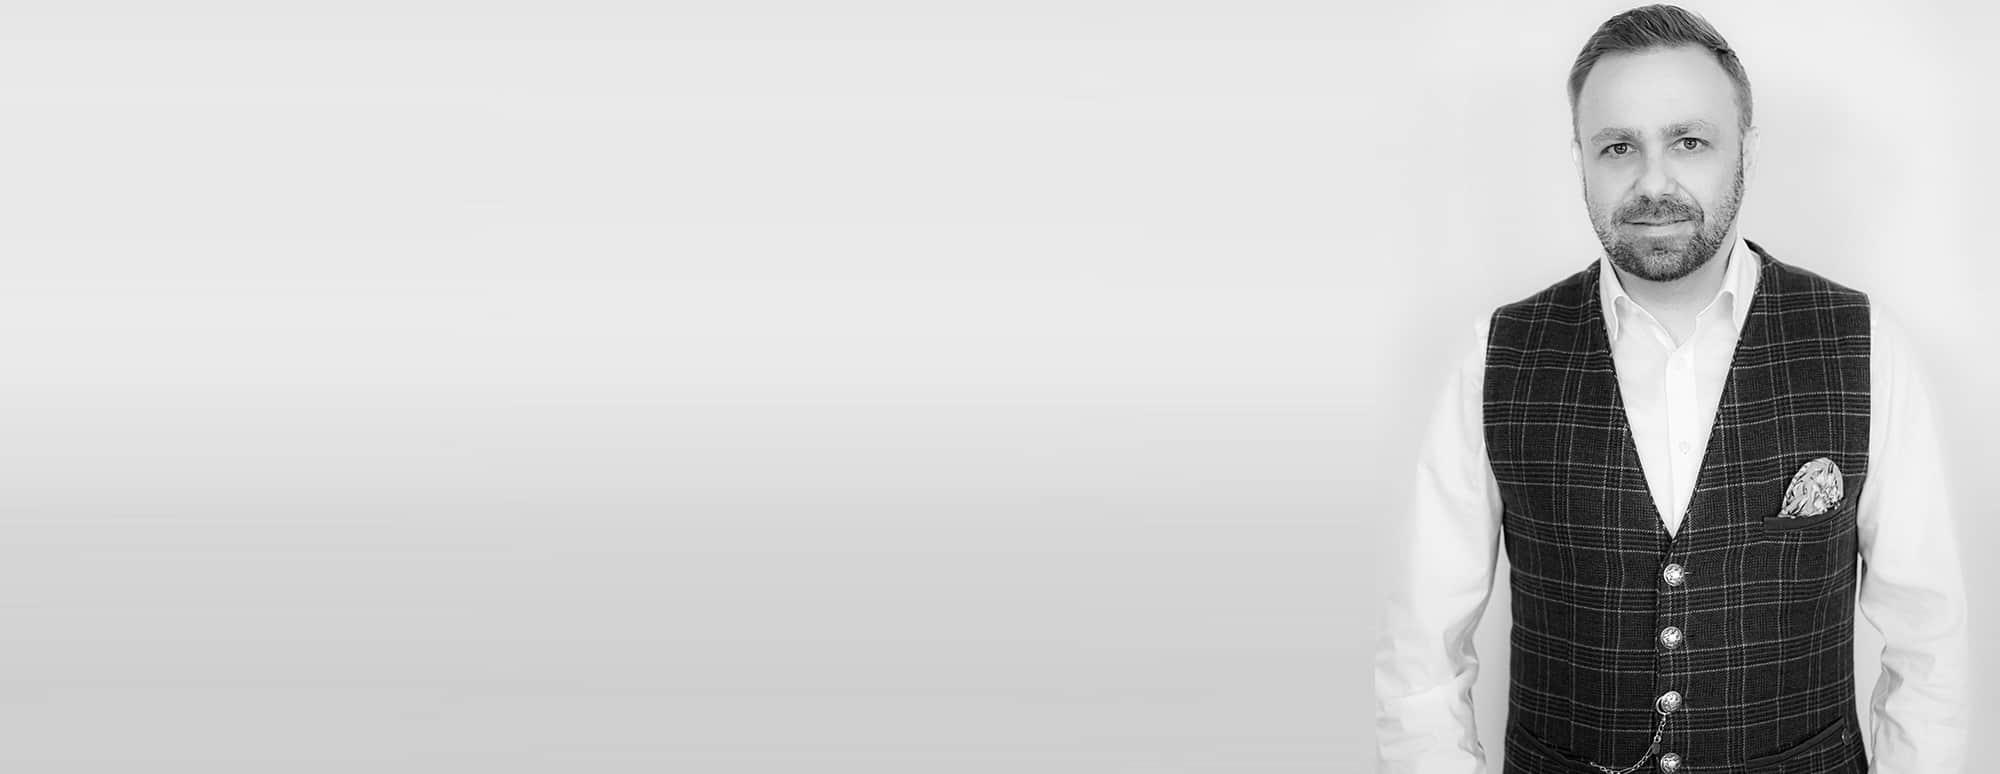 Fabian Gerum Microsoft Licensing Professional (MLP)